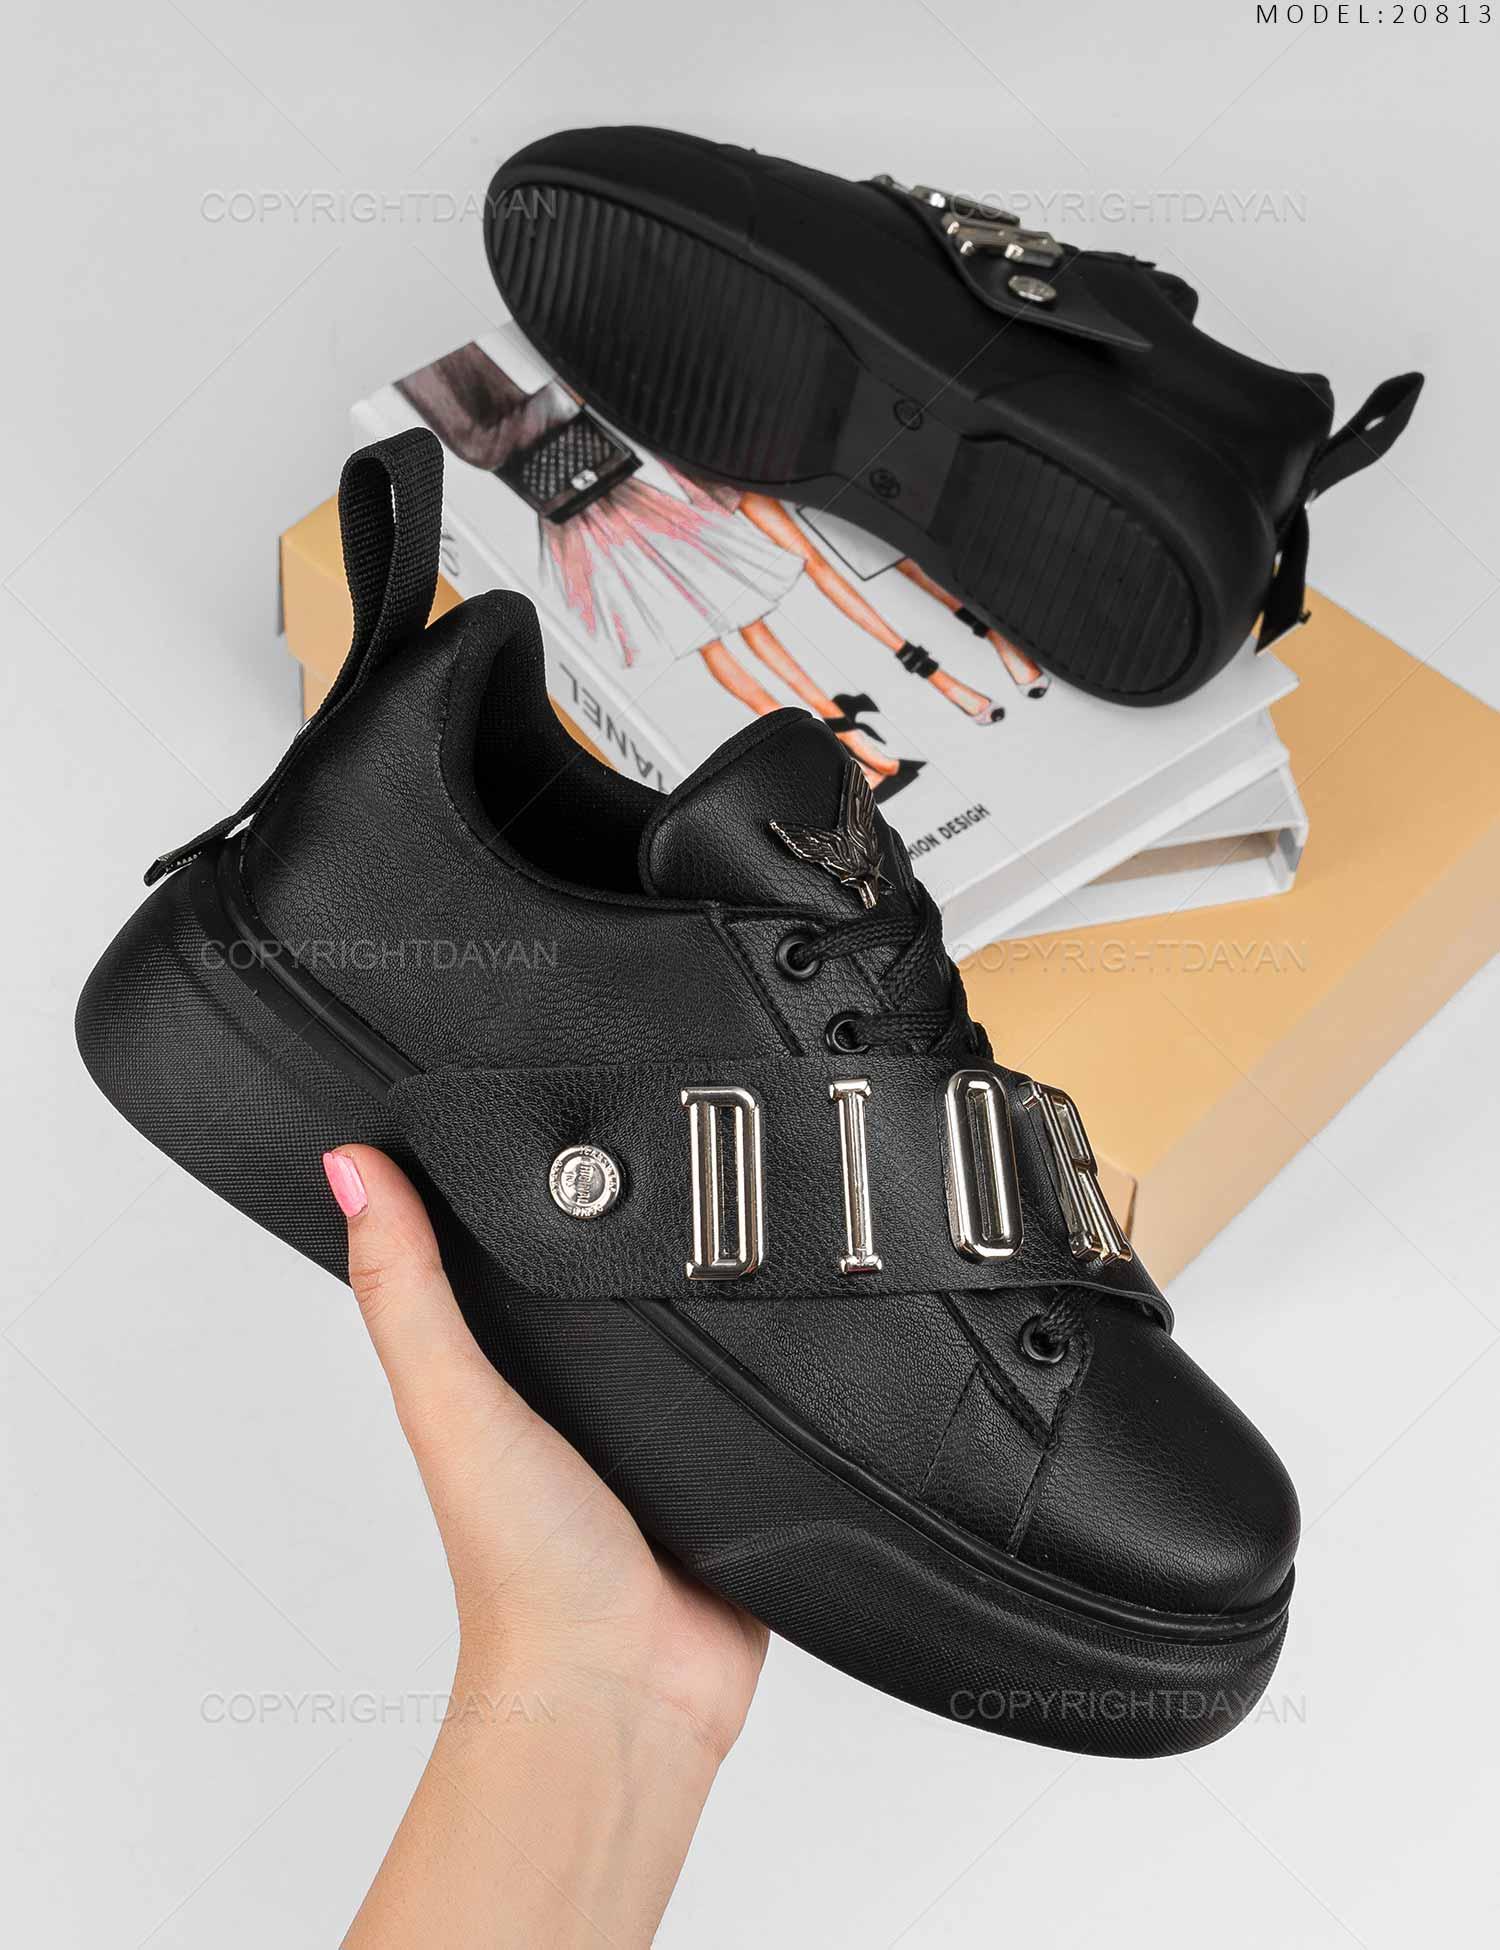 کفش زنانه Dior مدل 20813 کفش زنانه Dior مدل 20813 319,000 تومان